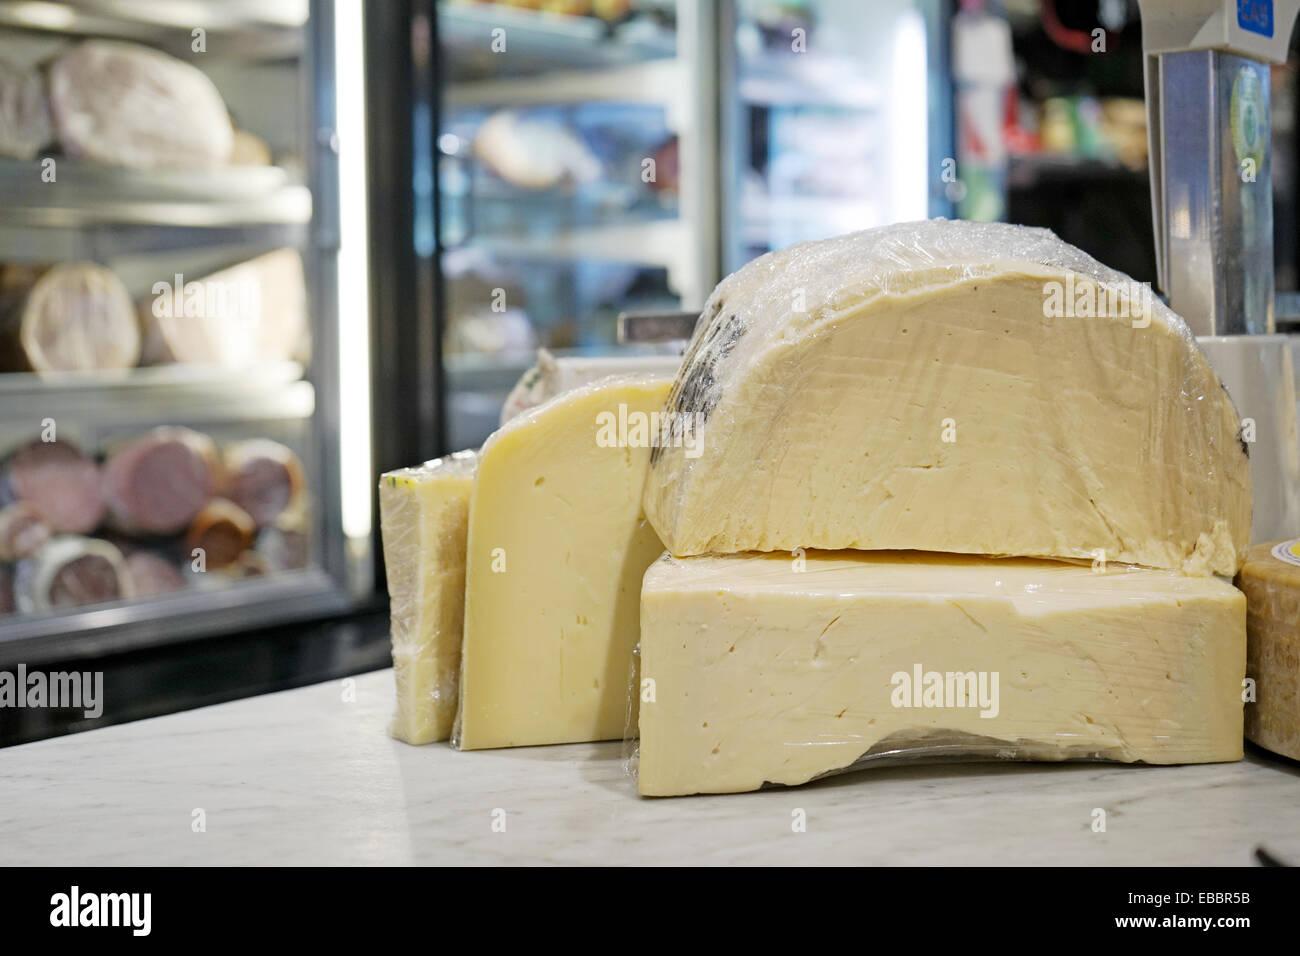 Accattivante sfondi appetitosi formaggi case color image display contatore visualizzato stile di carne in marmo Immagini Stock